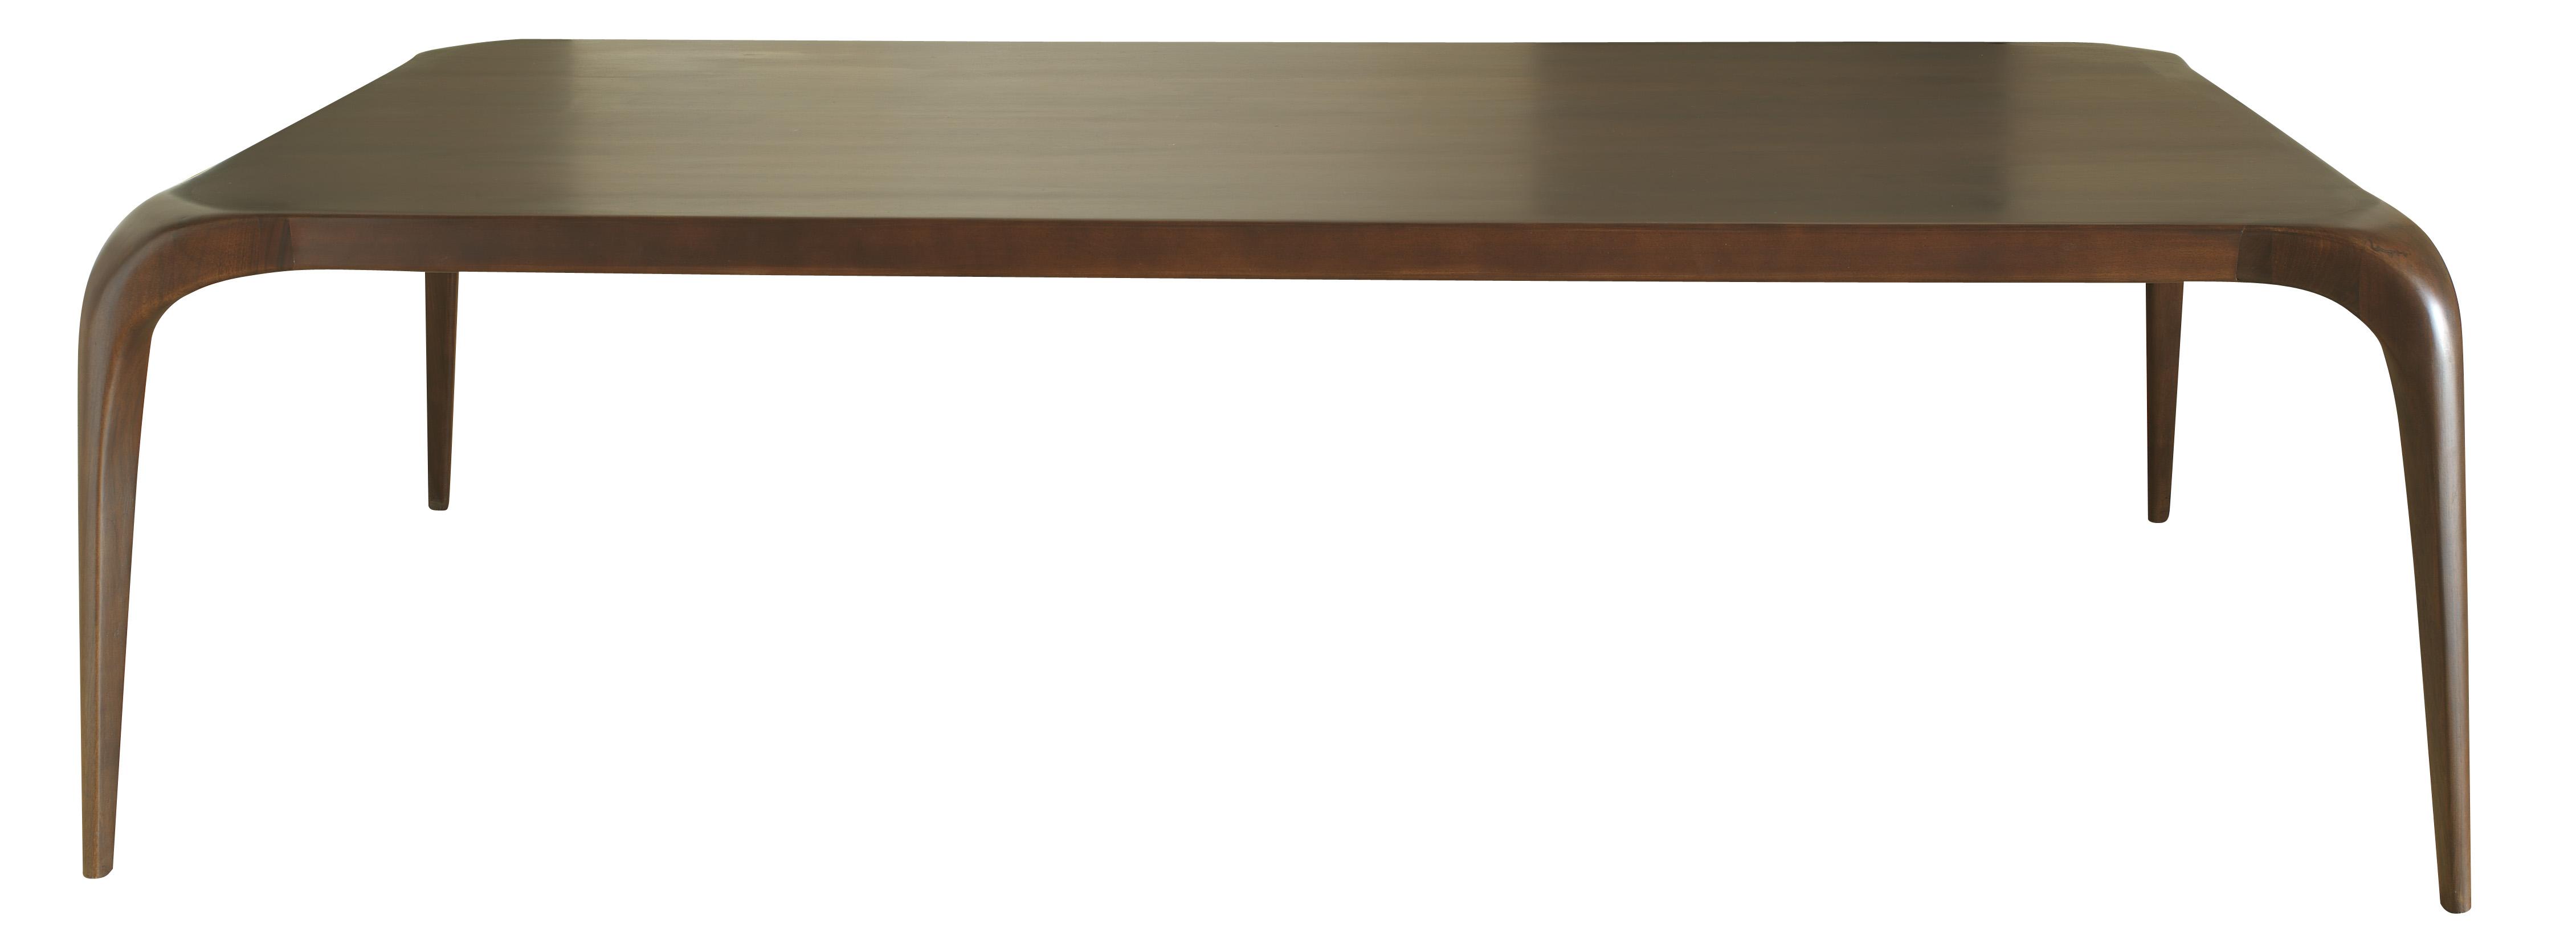 Tavolo moderno noce massello legnoeoltre - Tavolo noce massello ...